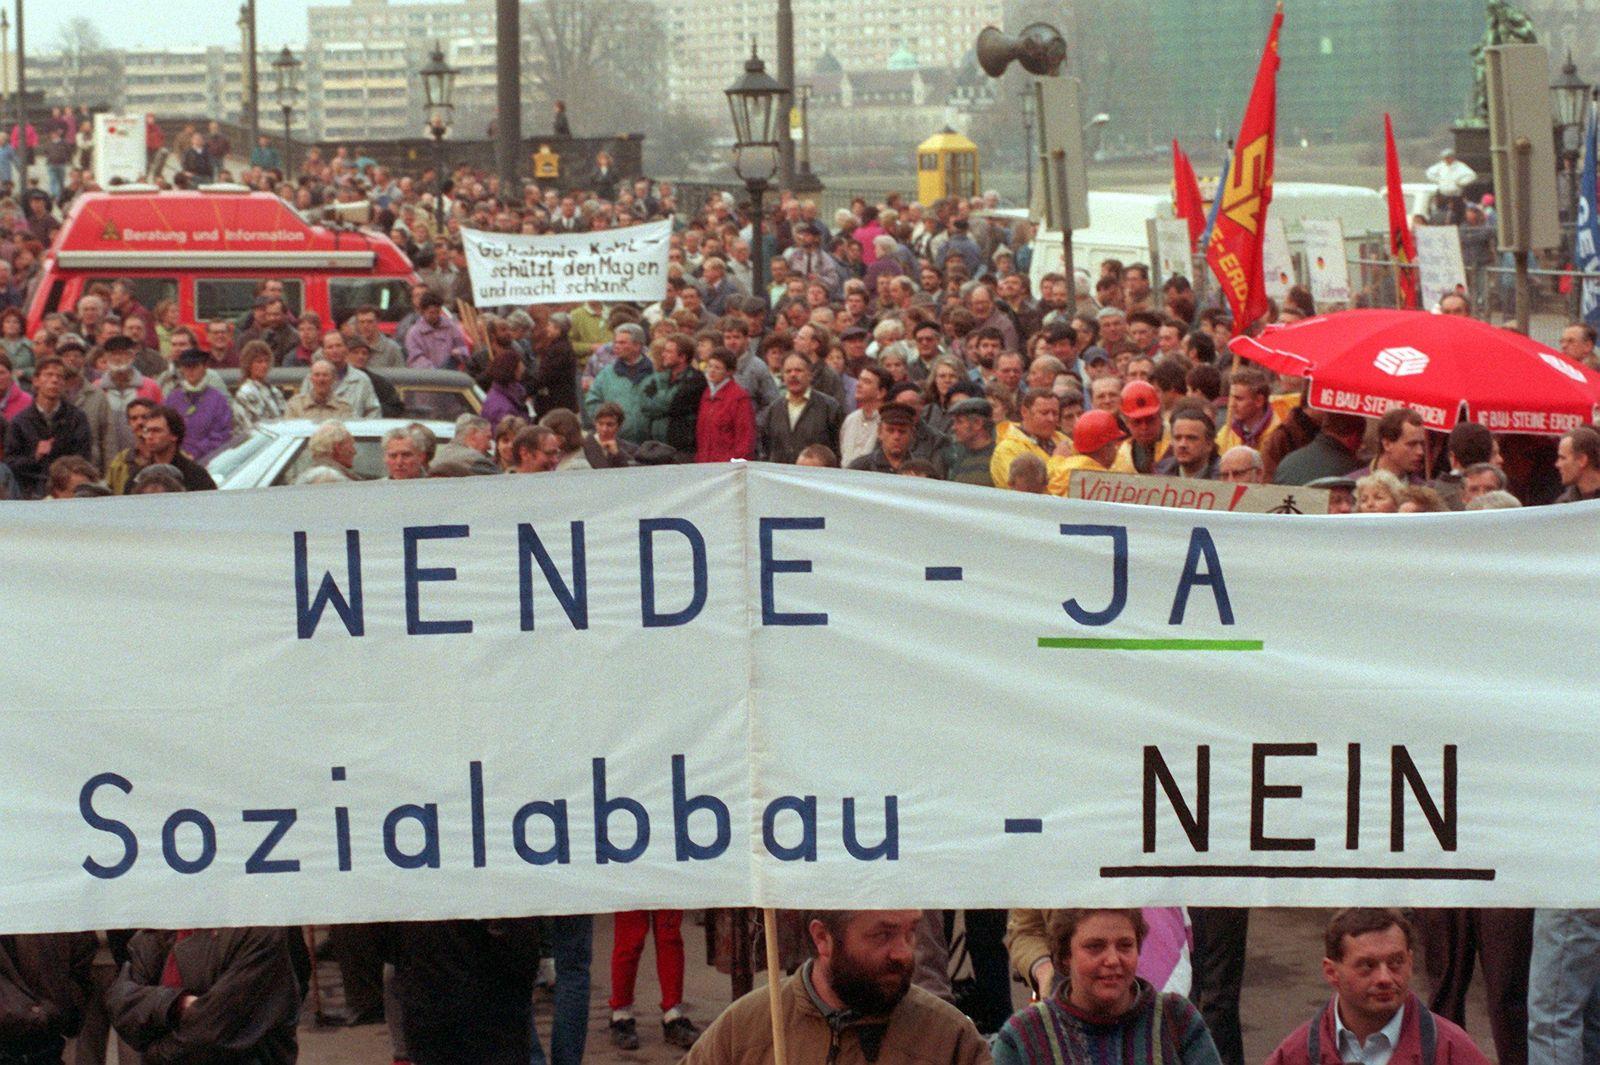 Serie Deutsche Einheit - Demonstration gegen Sozialabbau